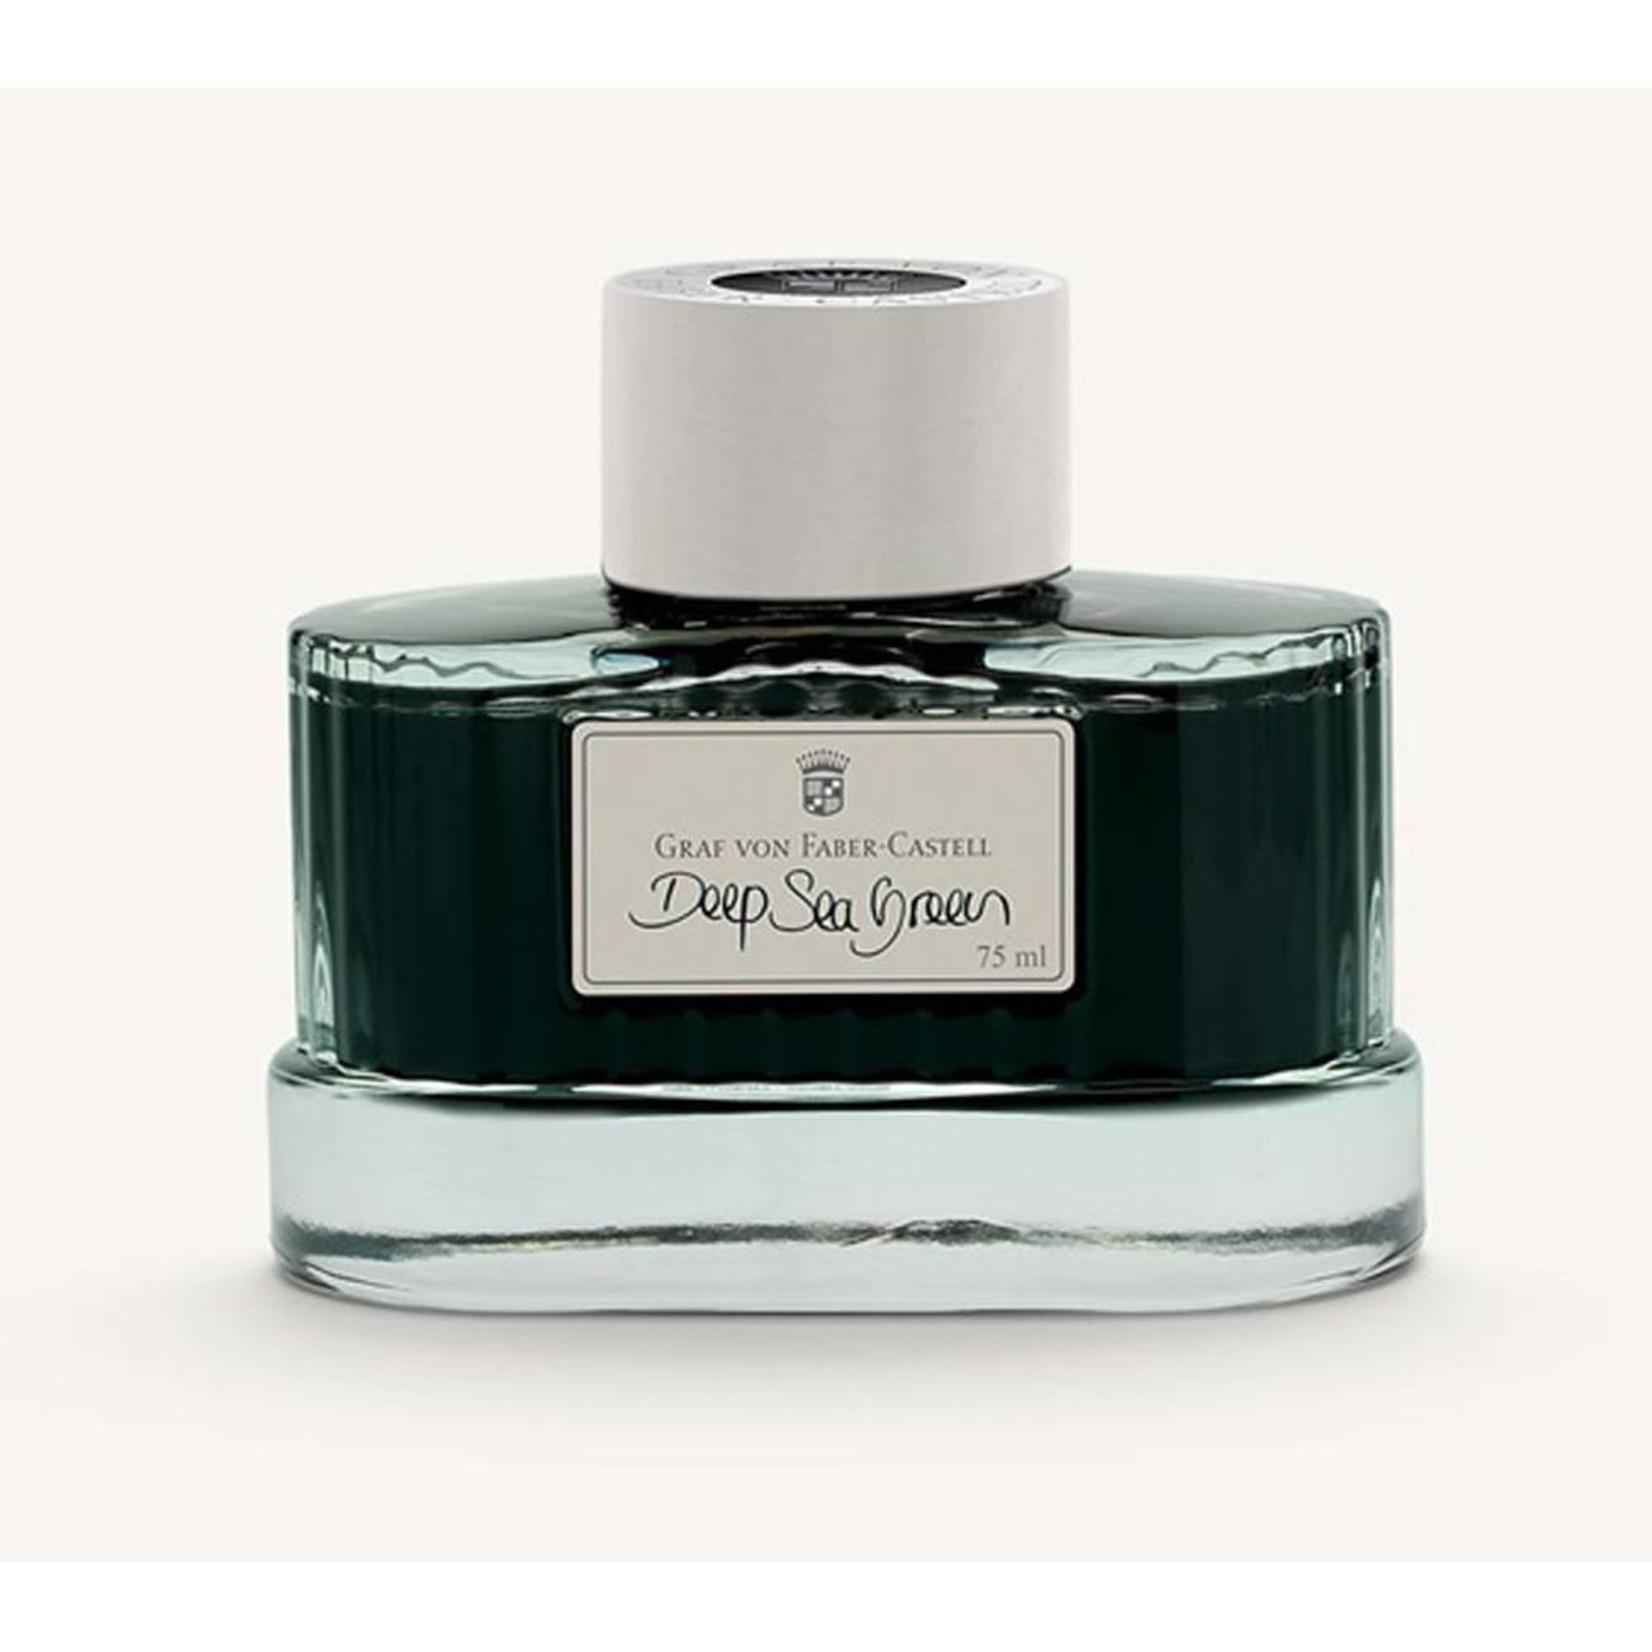 Graf von Faber-Castell GvFC Tintenglas 75ml Deep Sea Green